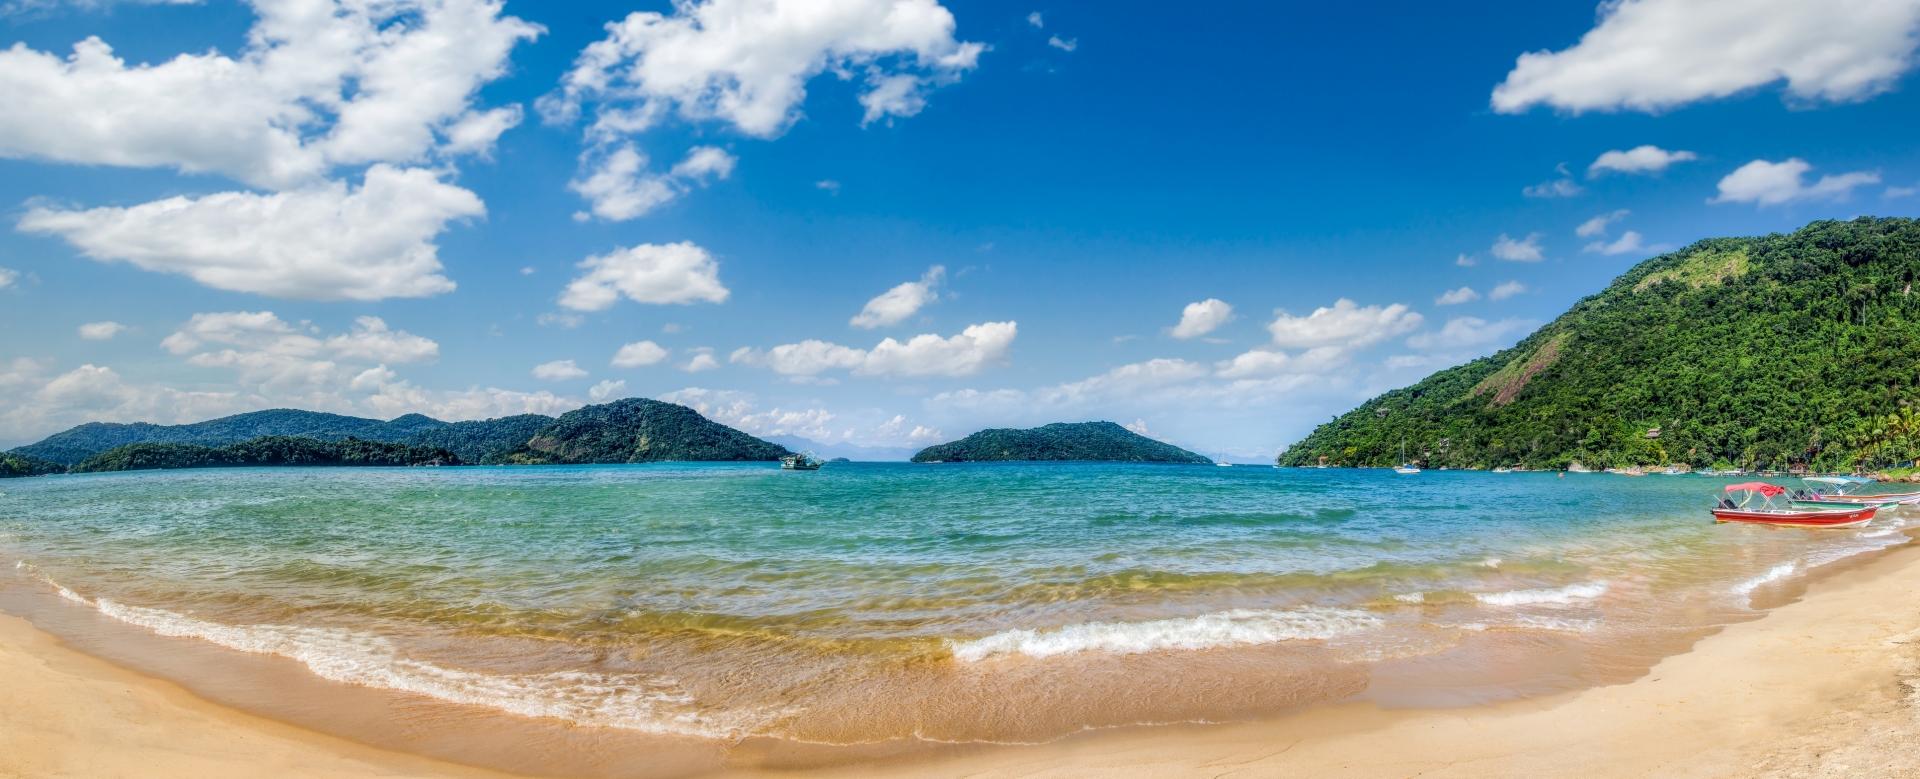 Voyage à pied : Costa verde et chutes d\'iguaçu, perles du brésil